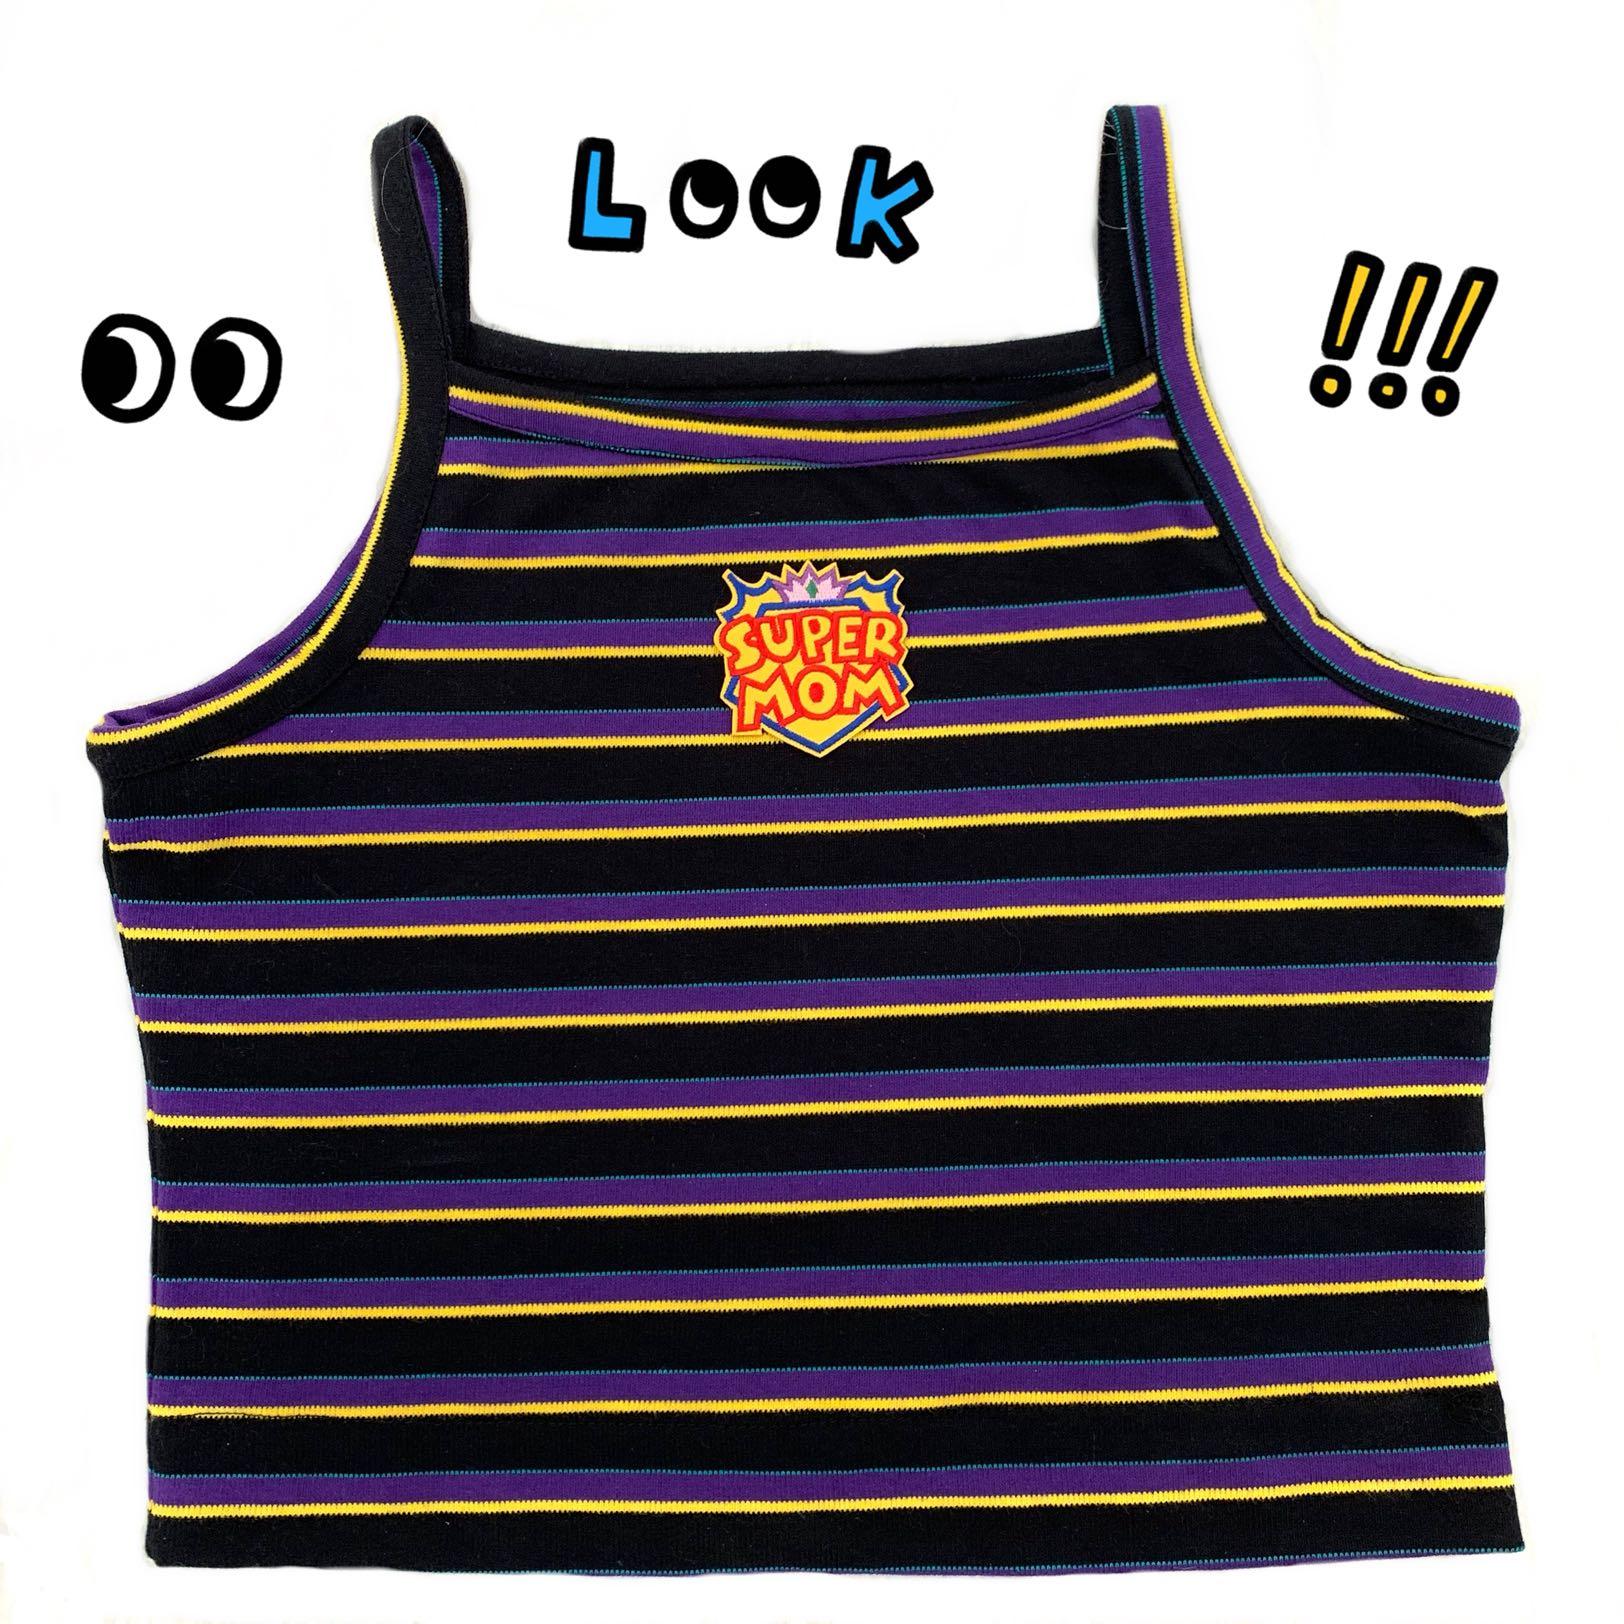 紫色背心 自制Super mom紫色横纹吊带背心夏季外穿显瘦修身短款打底衫女_推荐淘宝好看的紫色背心